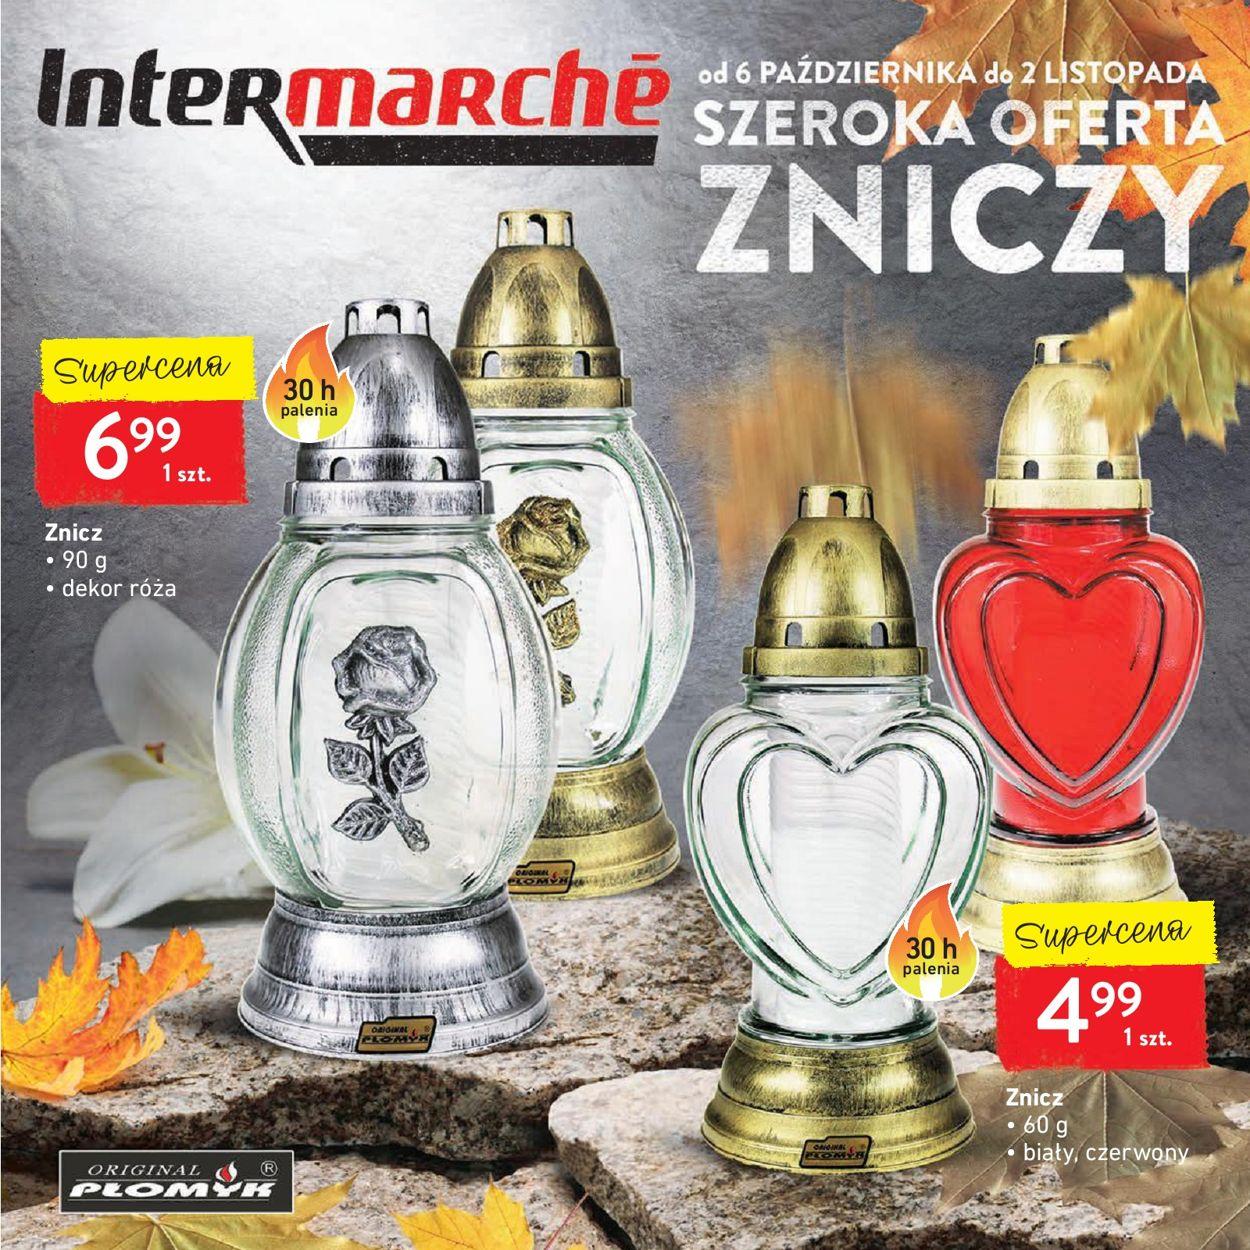 Gazetka promocyjna Intermarché - 06.10-02.11.2020